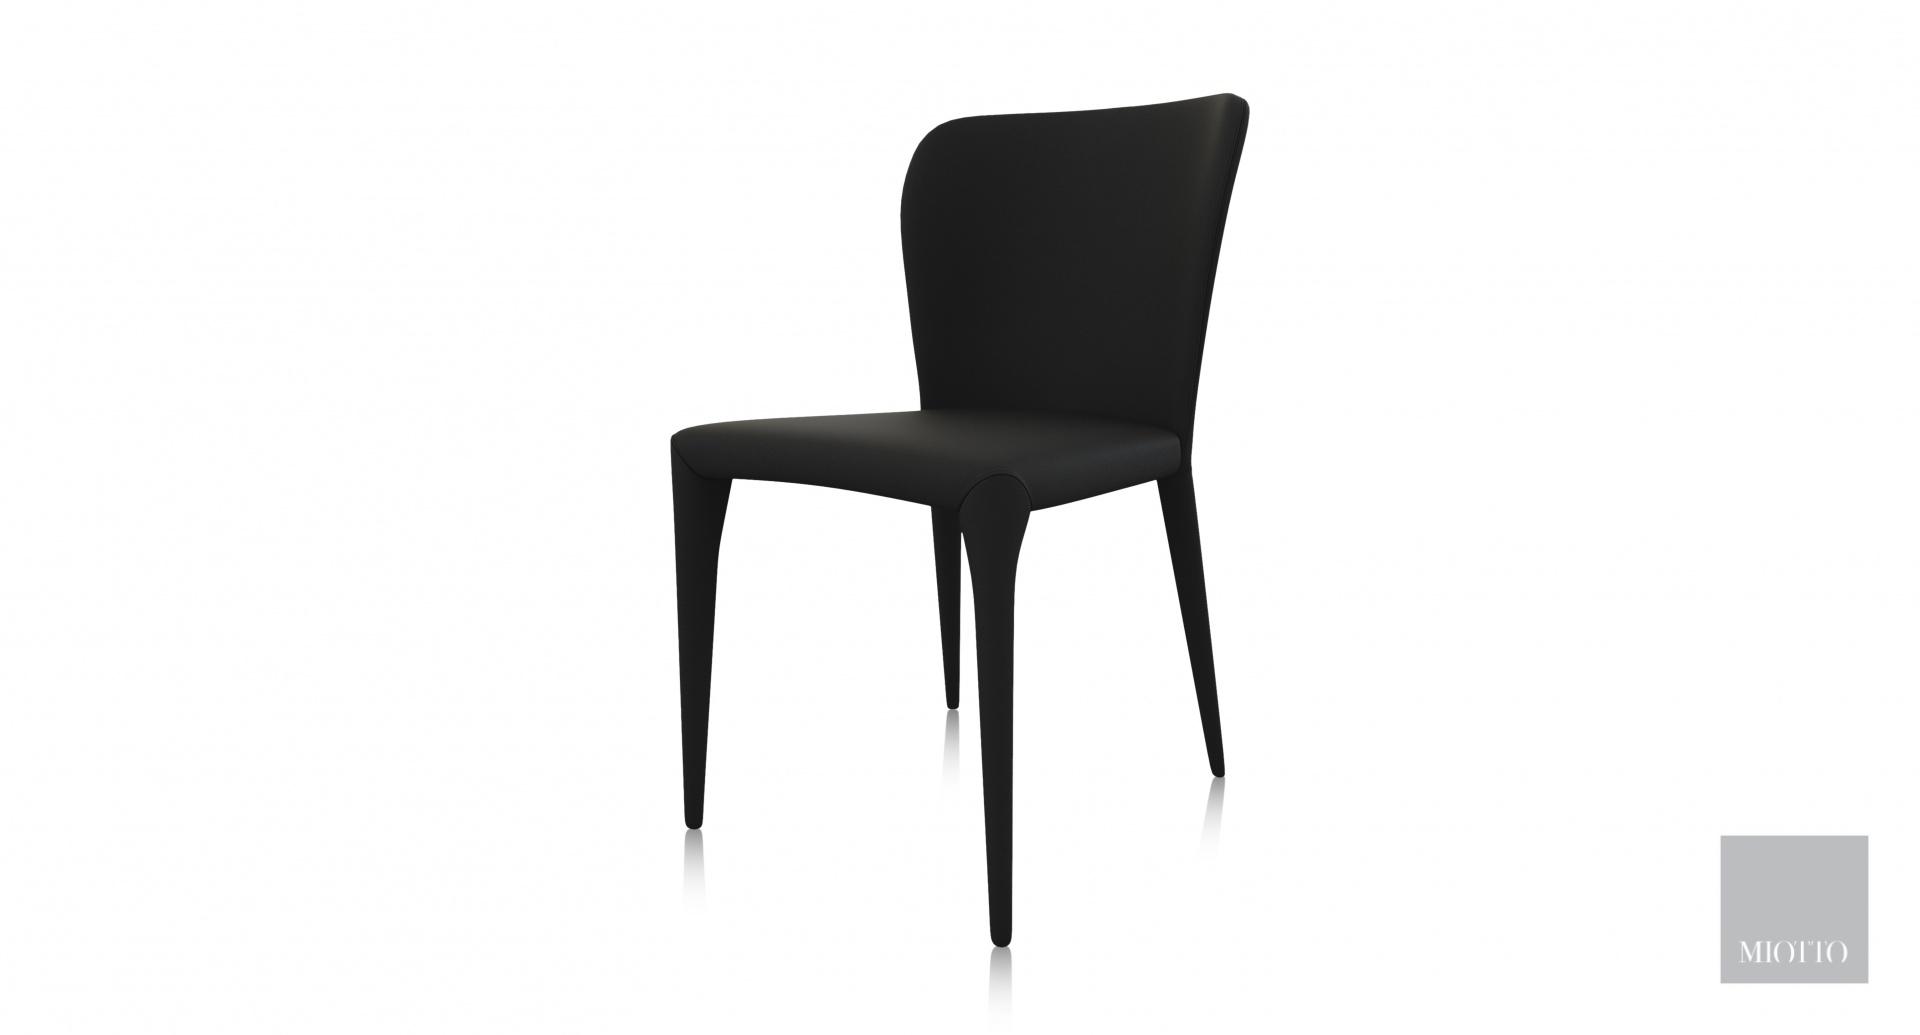 miotto_pavia DC black T miotto design furniture